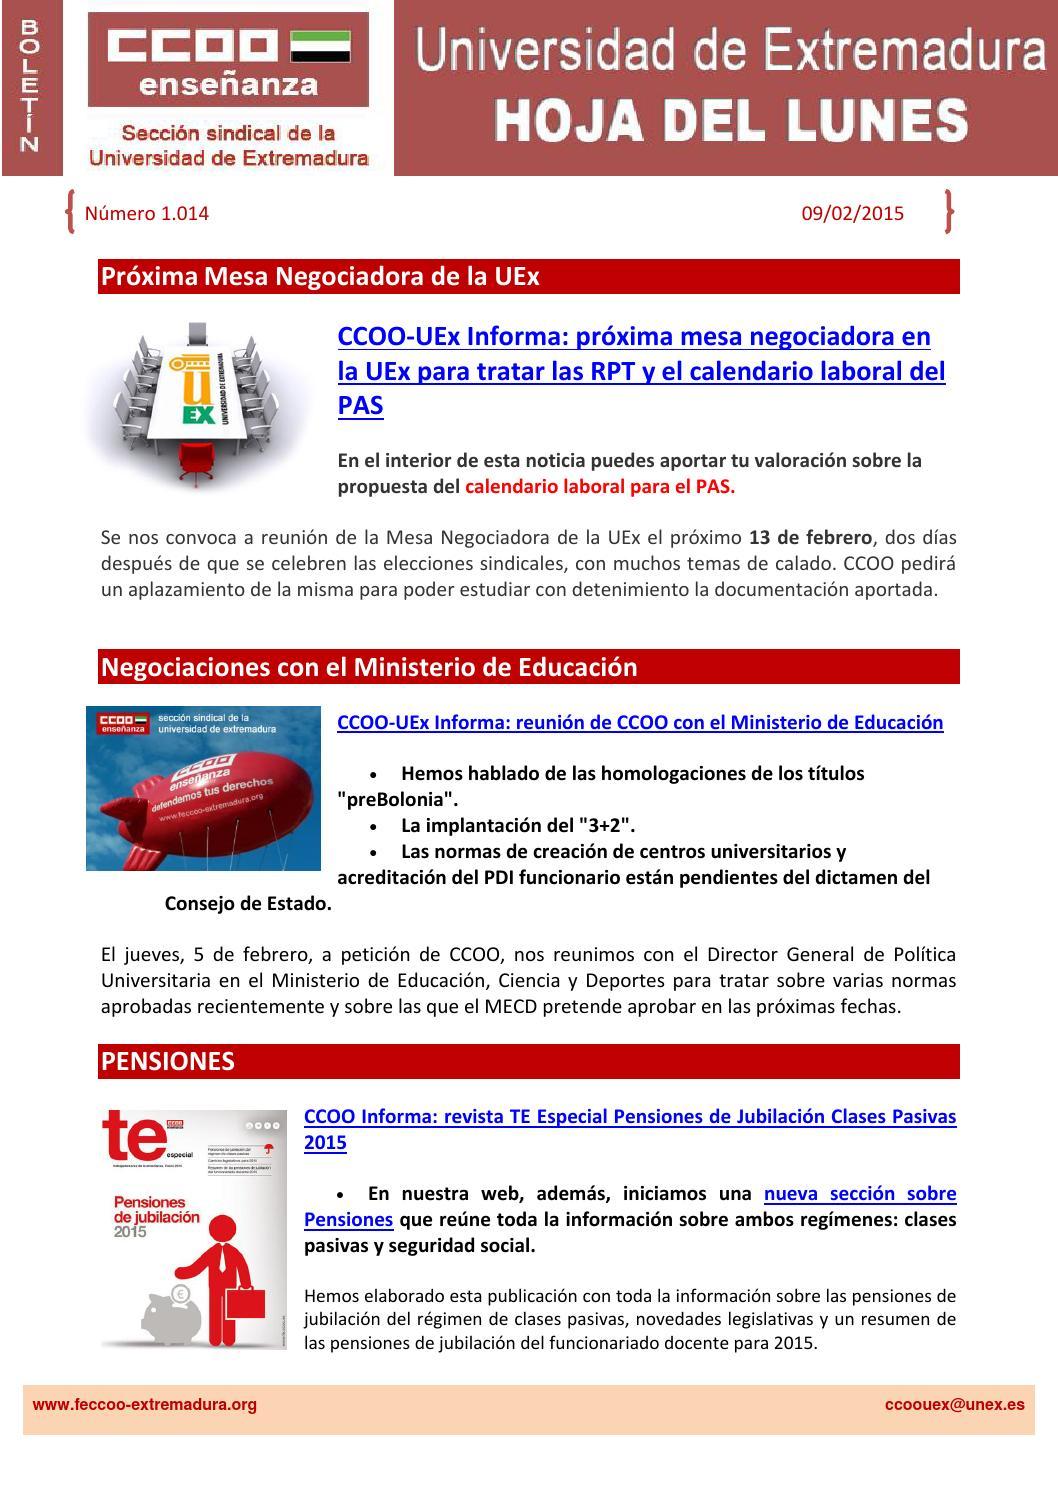 Calendario Uex.Hoja Del Lunes Nº 1014 By Federacion De Ensenanza Ccoo Extremadura